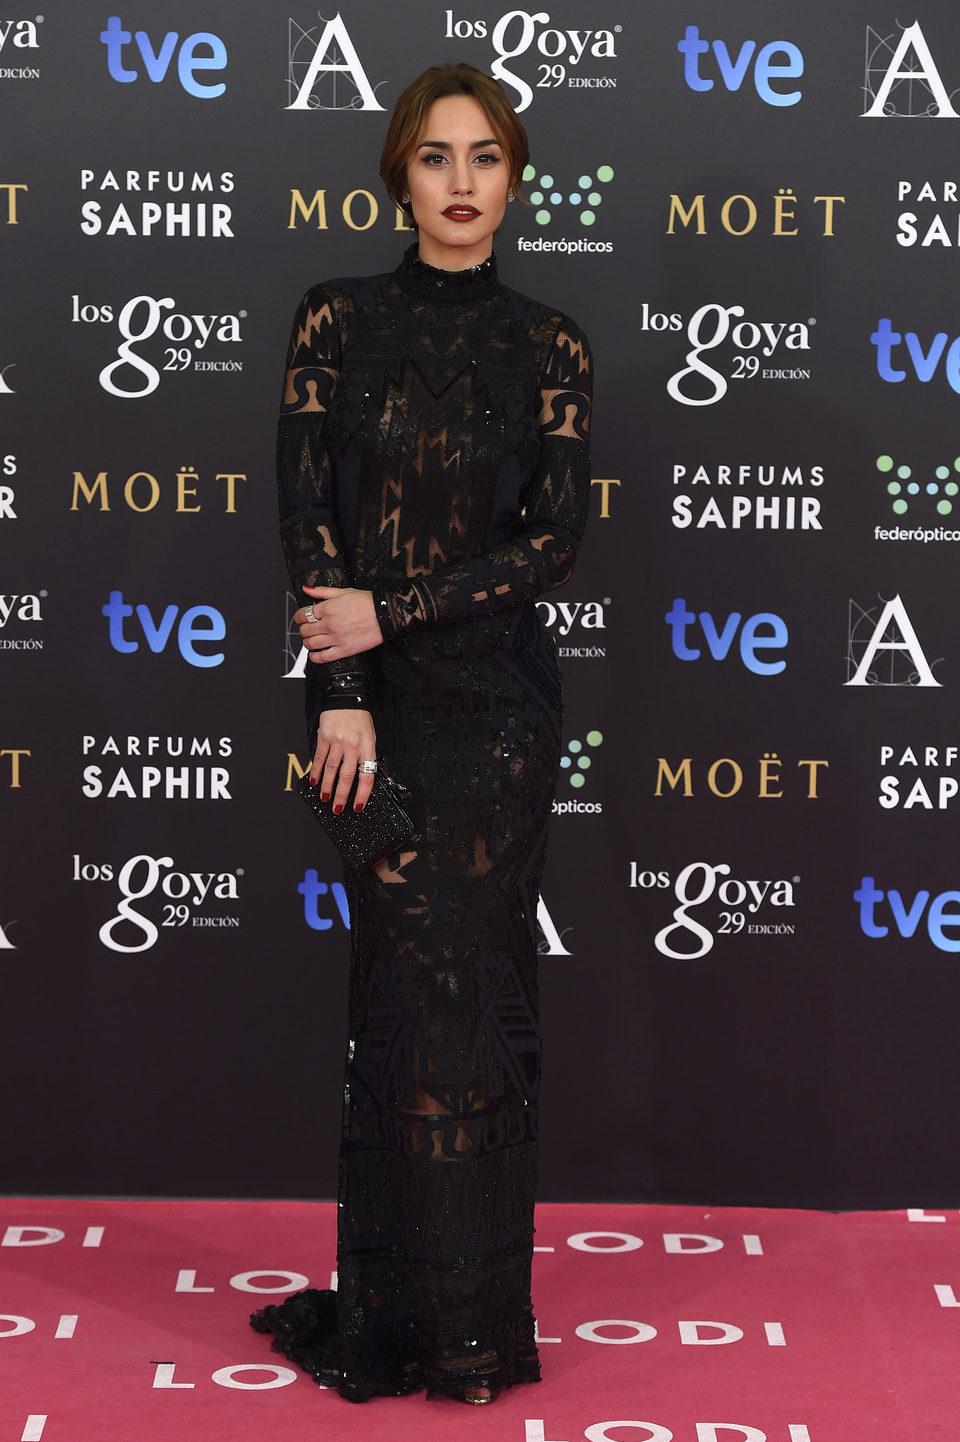 Megan Montaner en la alfombra roja de los Goya 2015